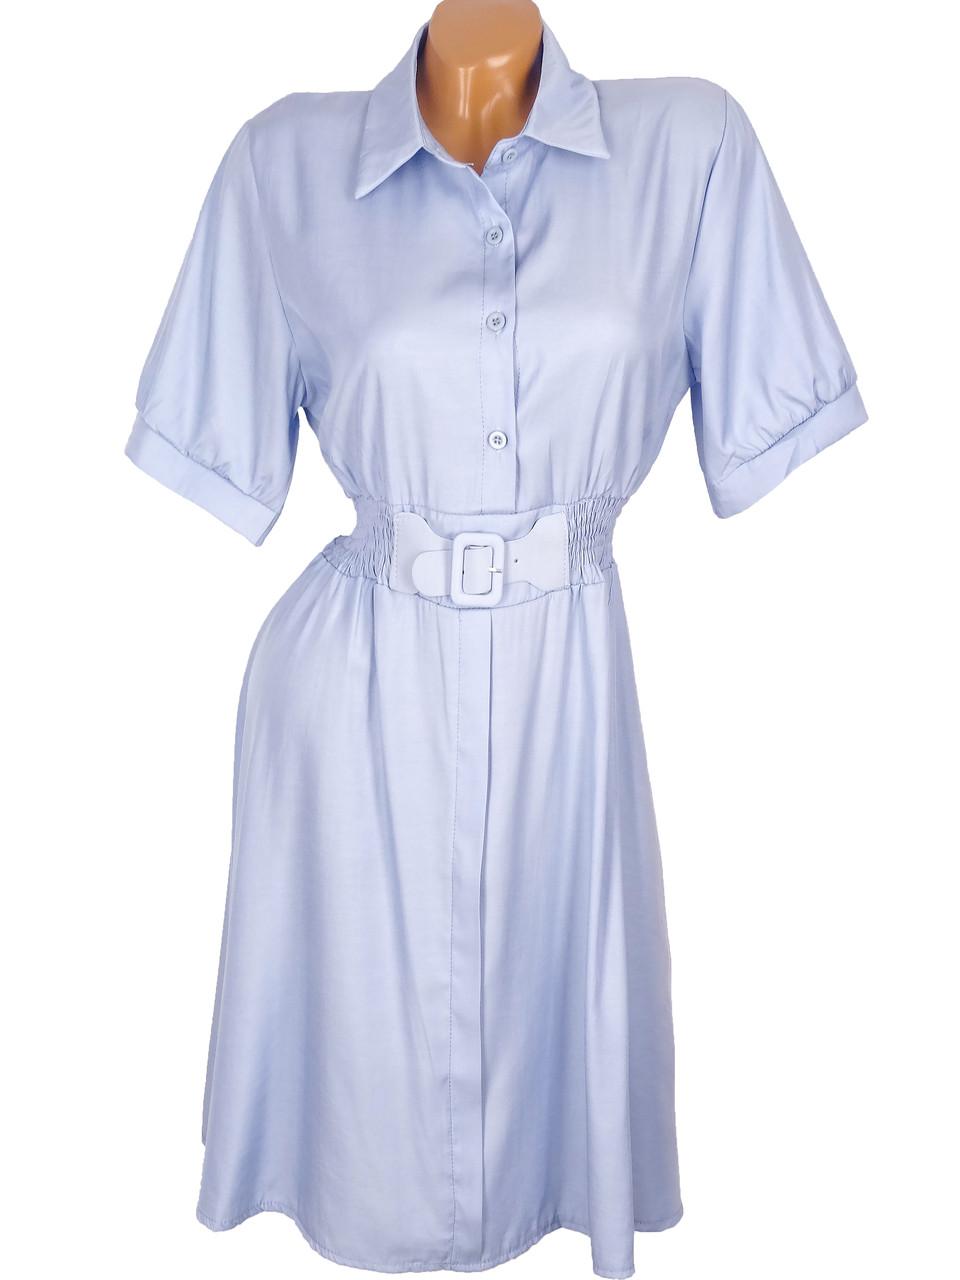 Модное платье рубашечного стиля 44-46 (в расцветках)